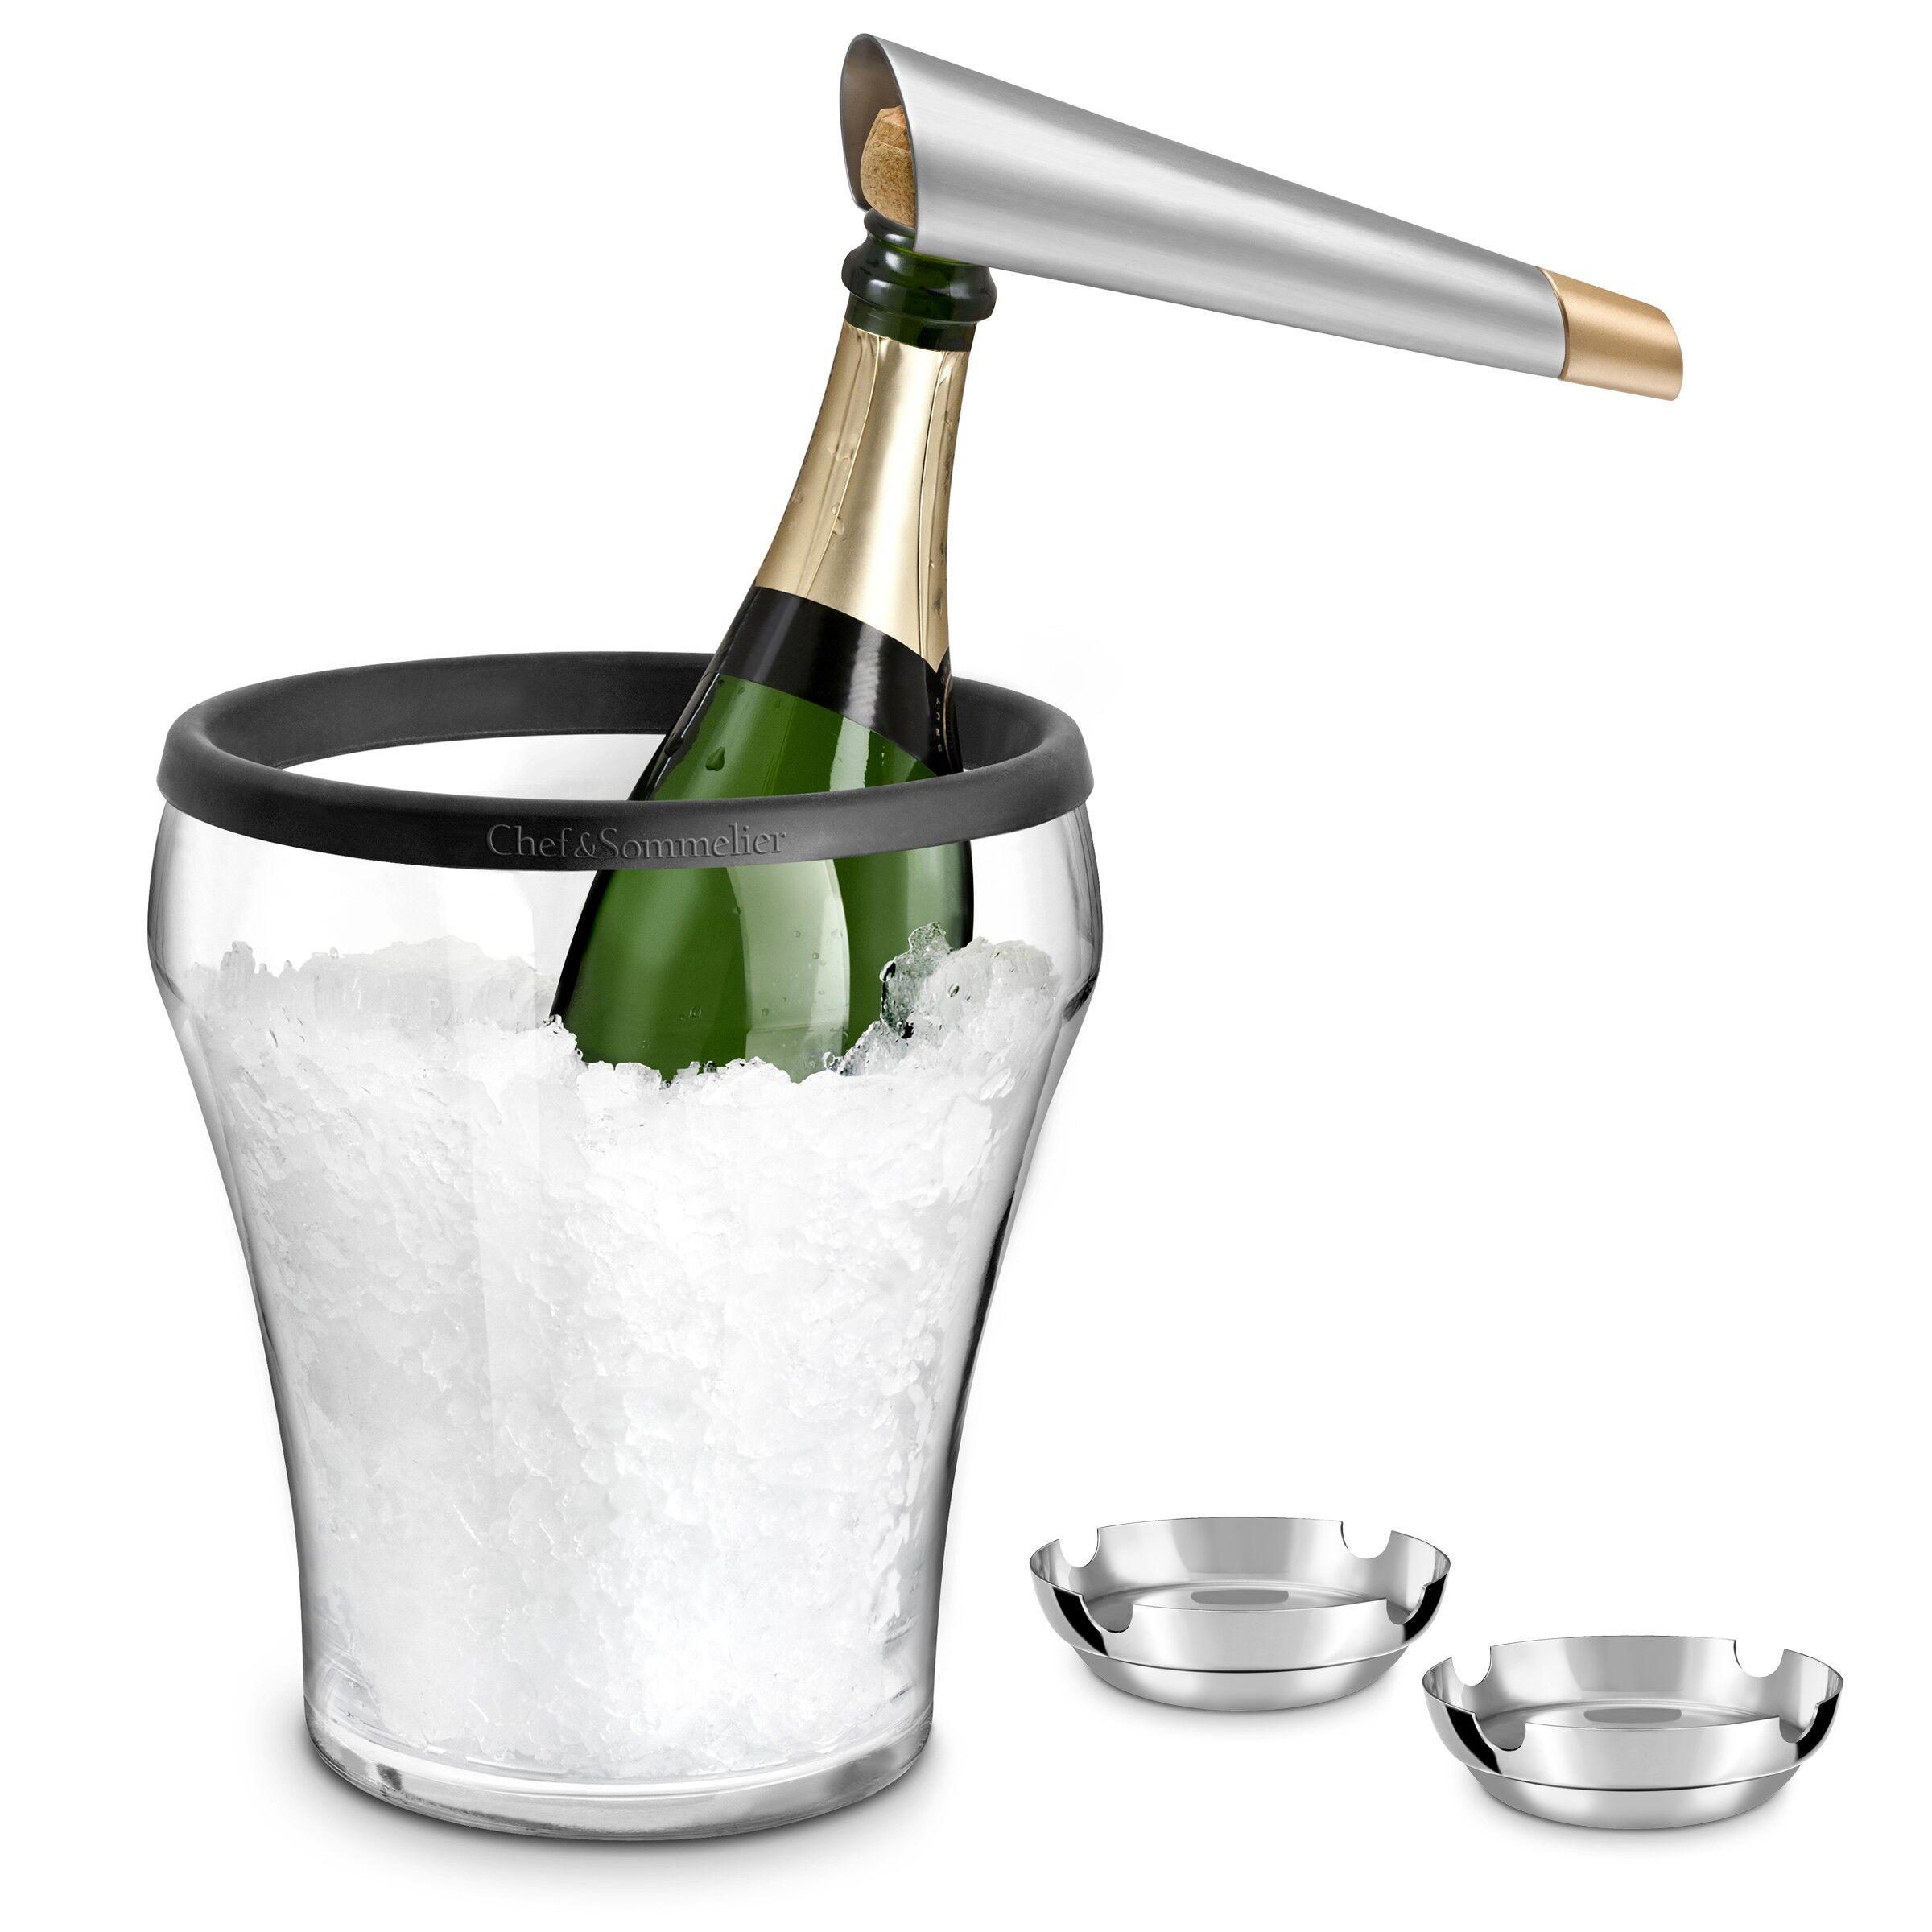 Chef&Sommelier Seau  champagne, coupelles inox et tire-bouchon champagne